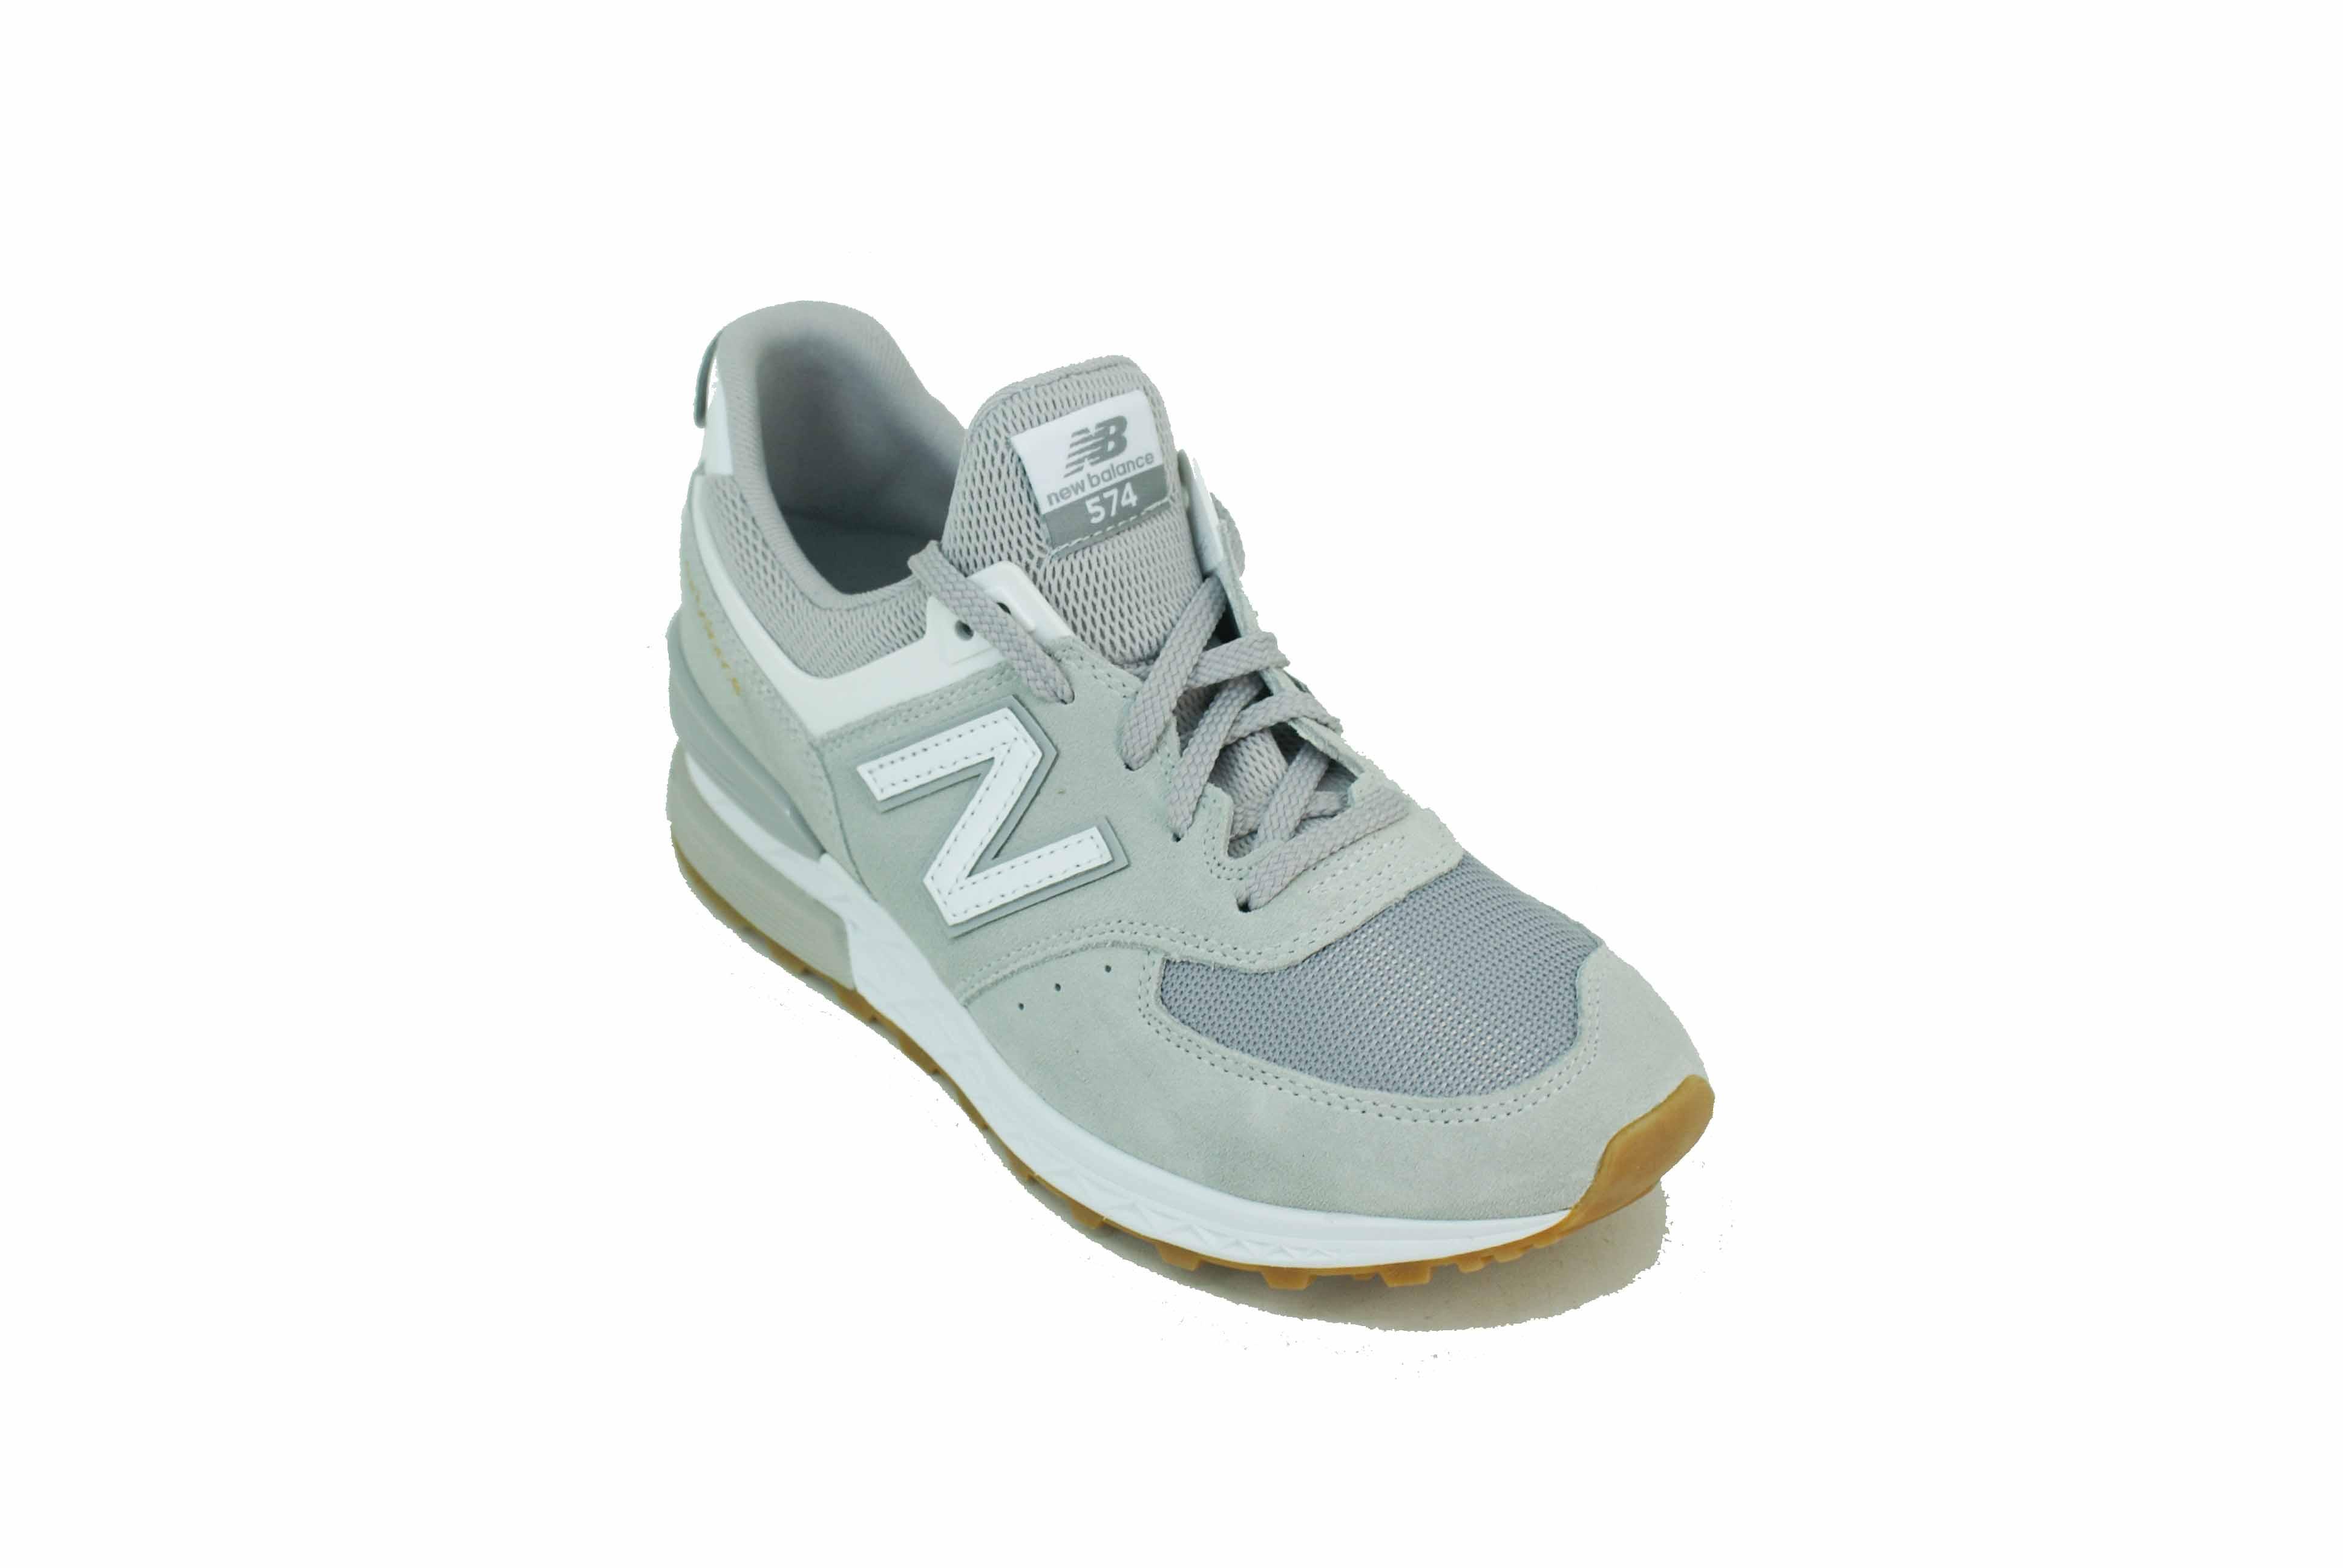 Zapatilla New Balance MS574FCG Gris/Blanco Hombre